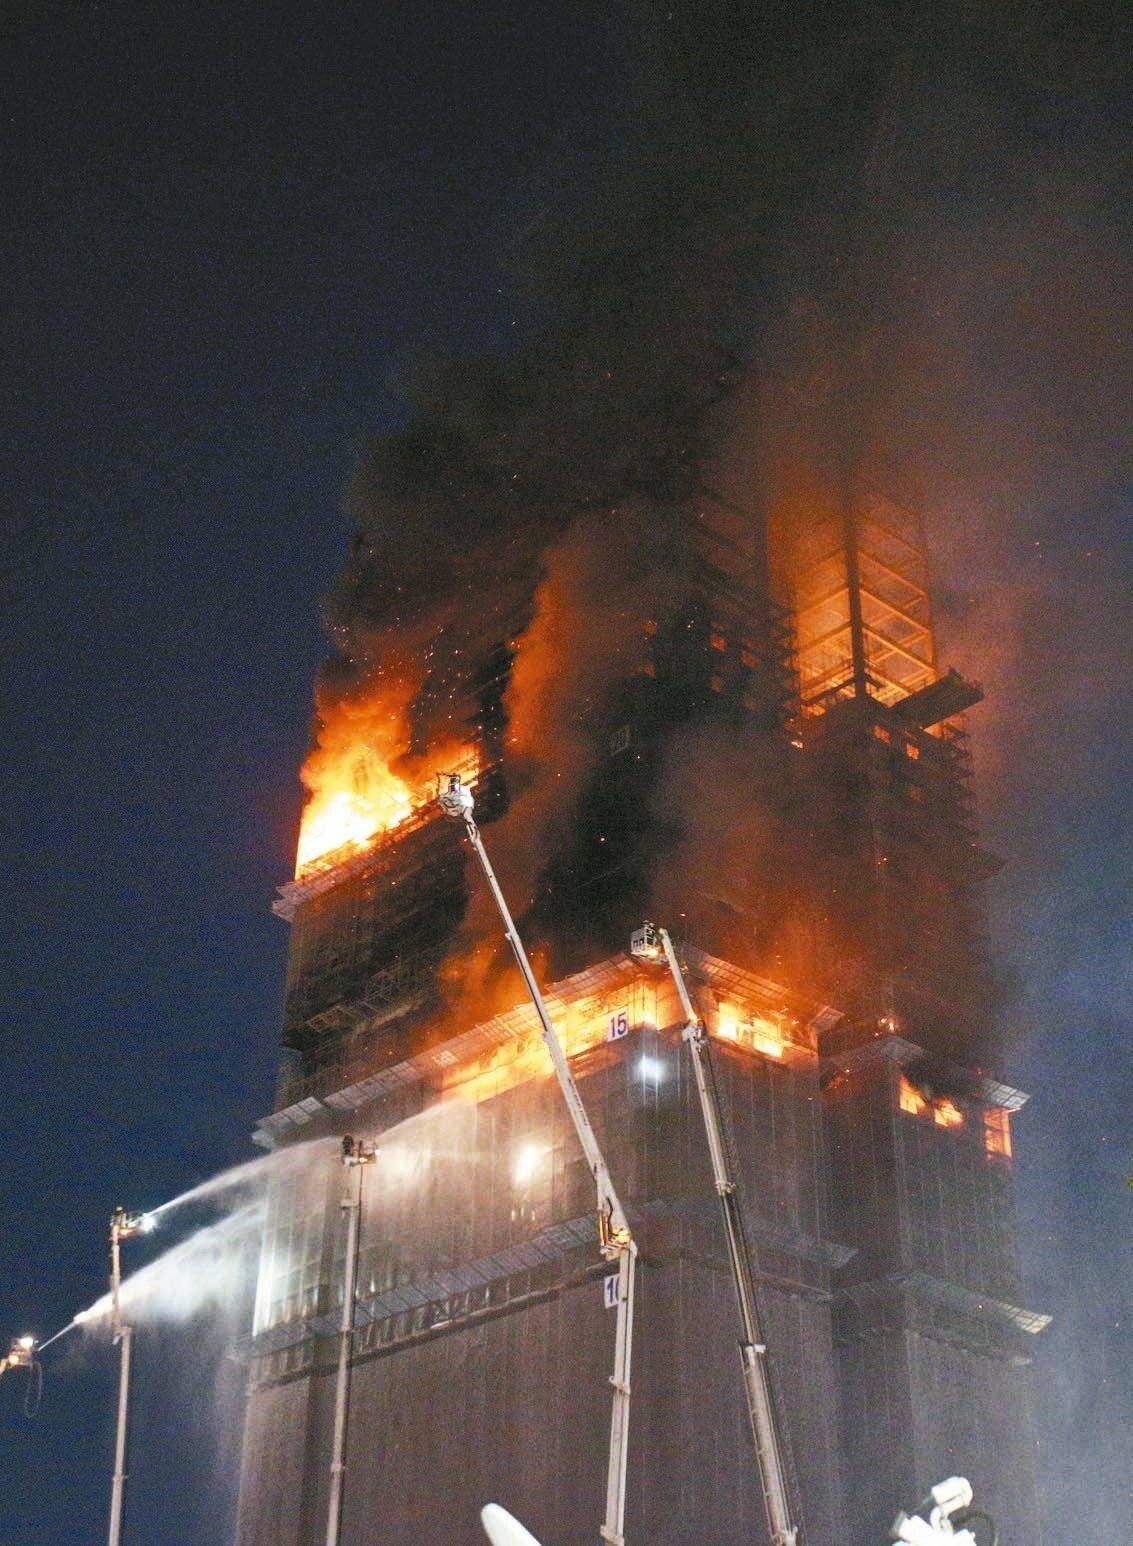 新北市新莊區一處24層樓工地昨晚不明原因起火,15樓以上全面燃燒。 記者蘇健忠/...